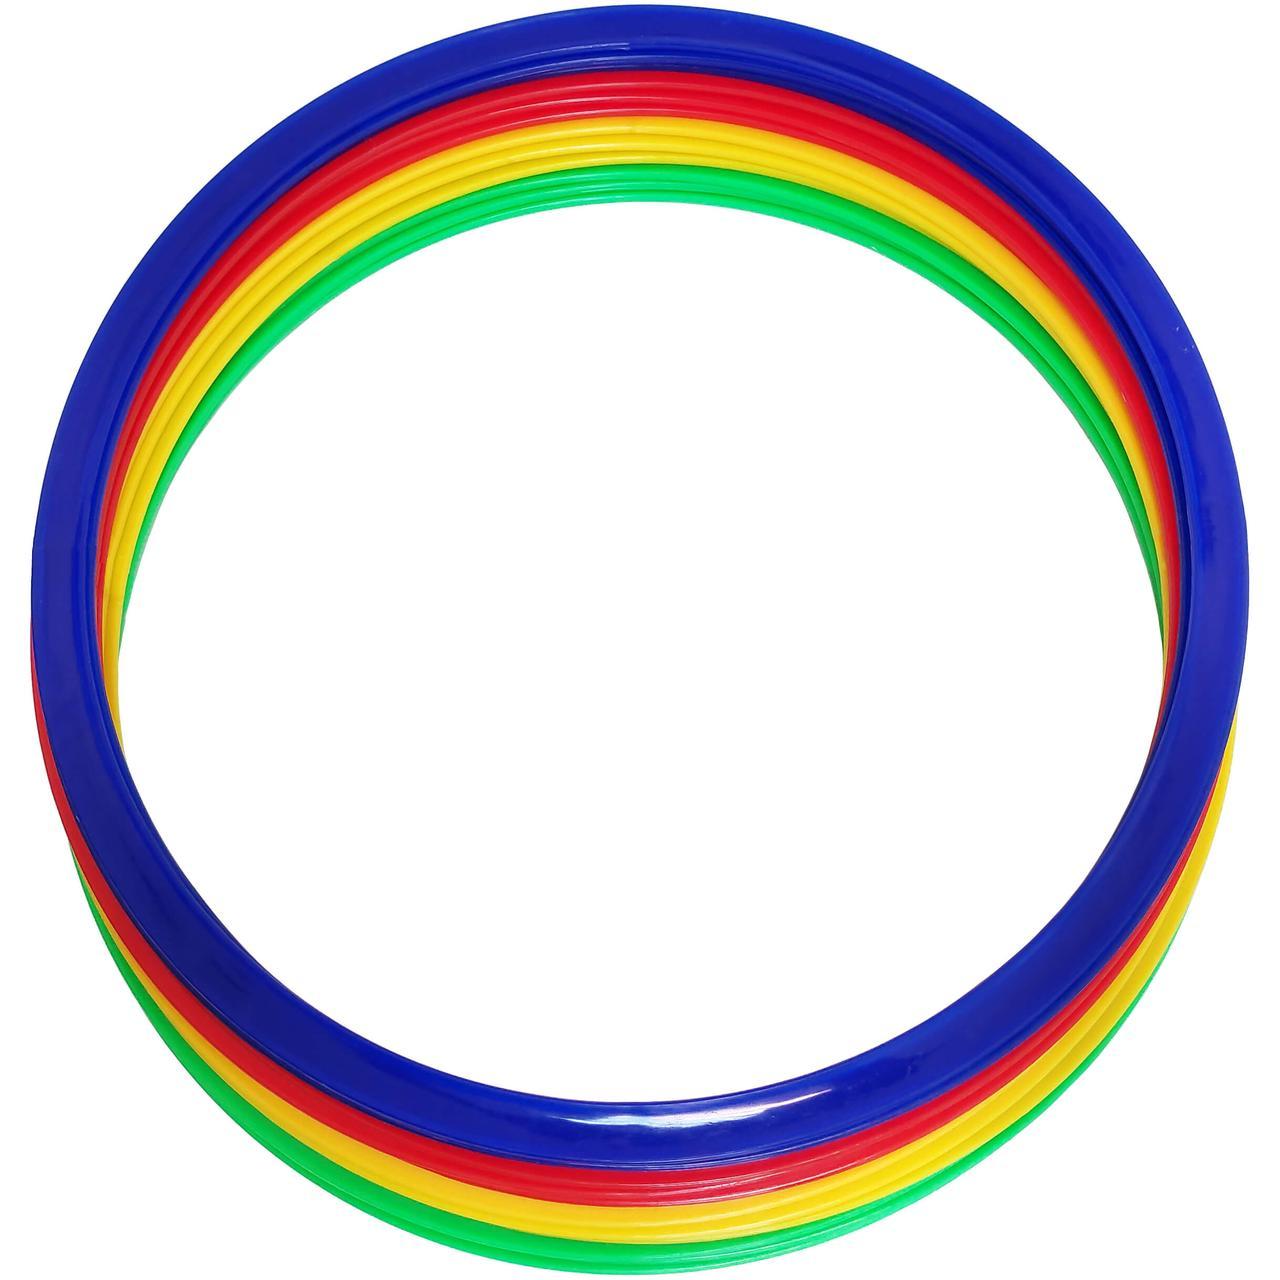 Кольца для координации SWIFT Coordination ring d=45 см, комплект 12 шт, 4 цвета